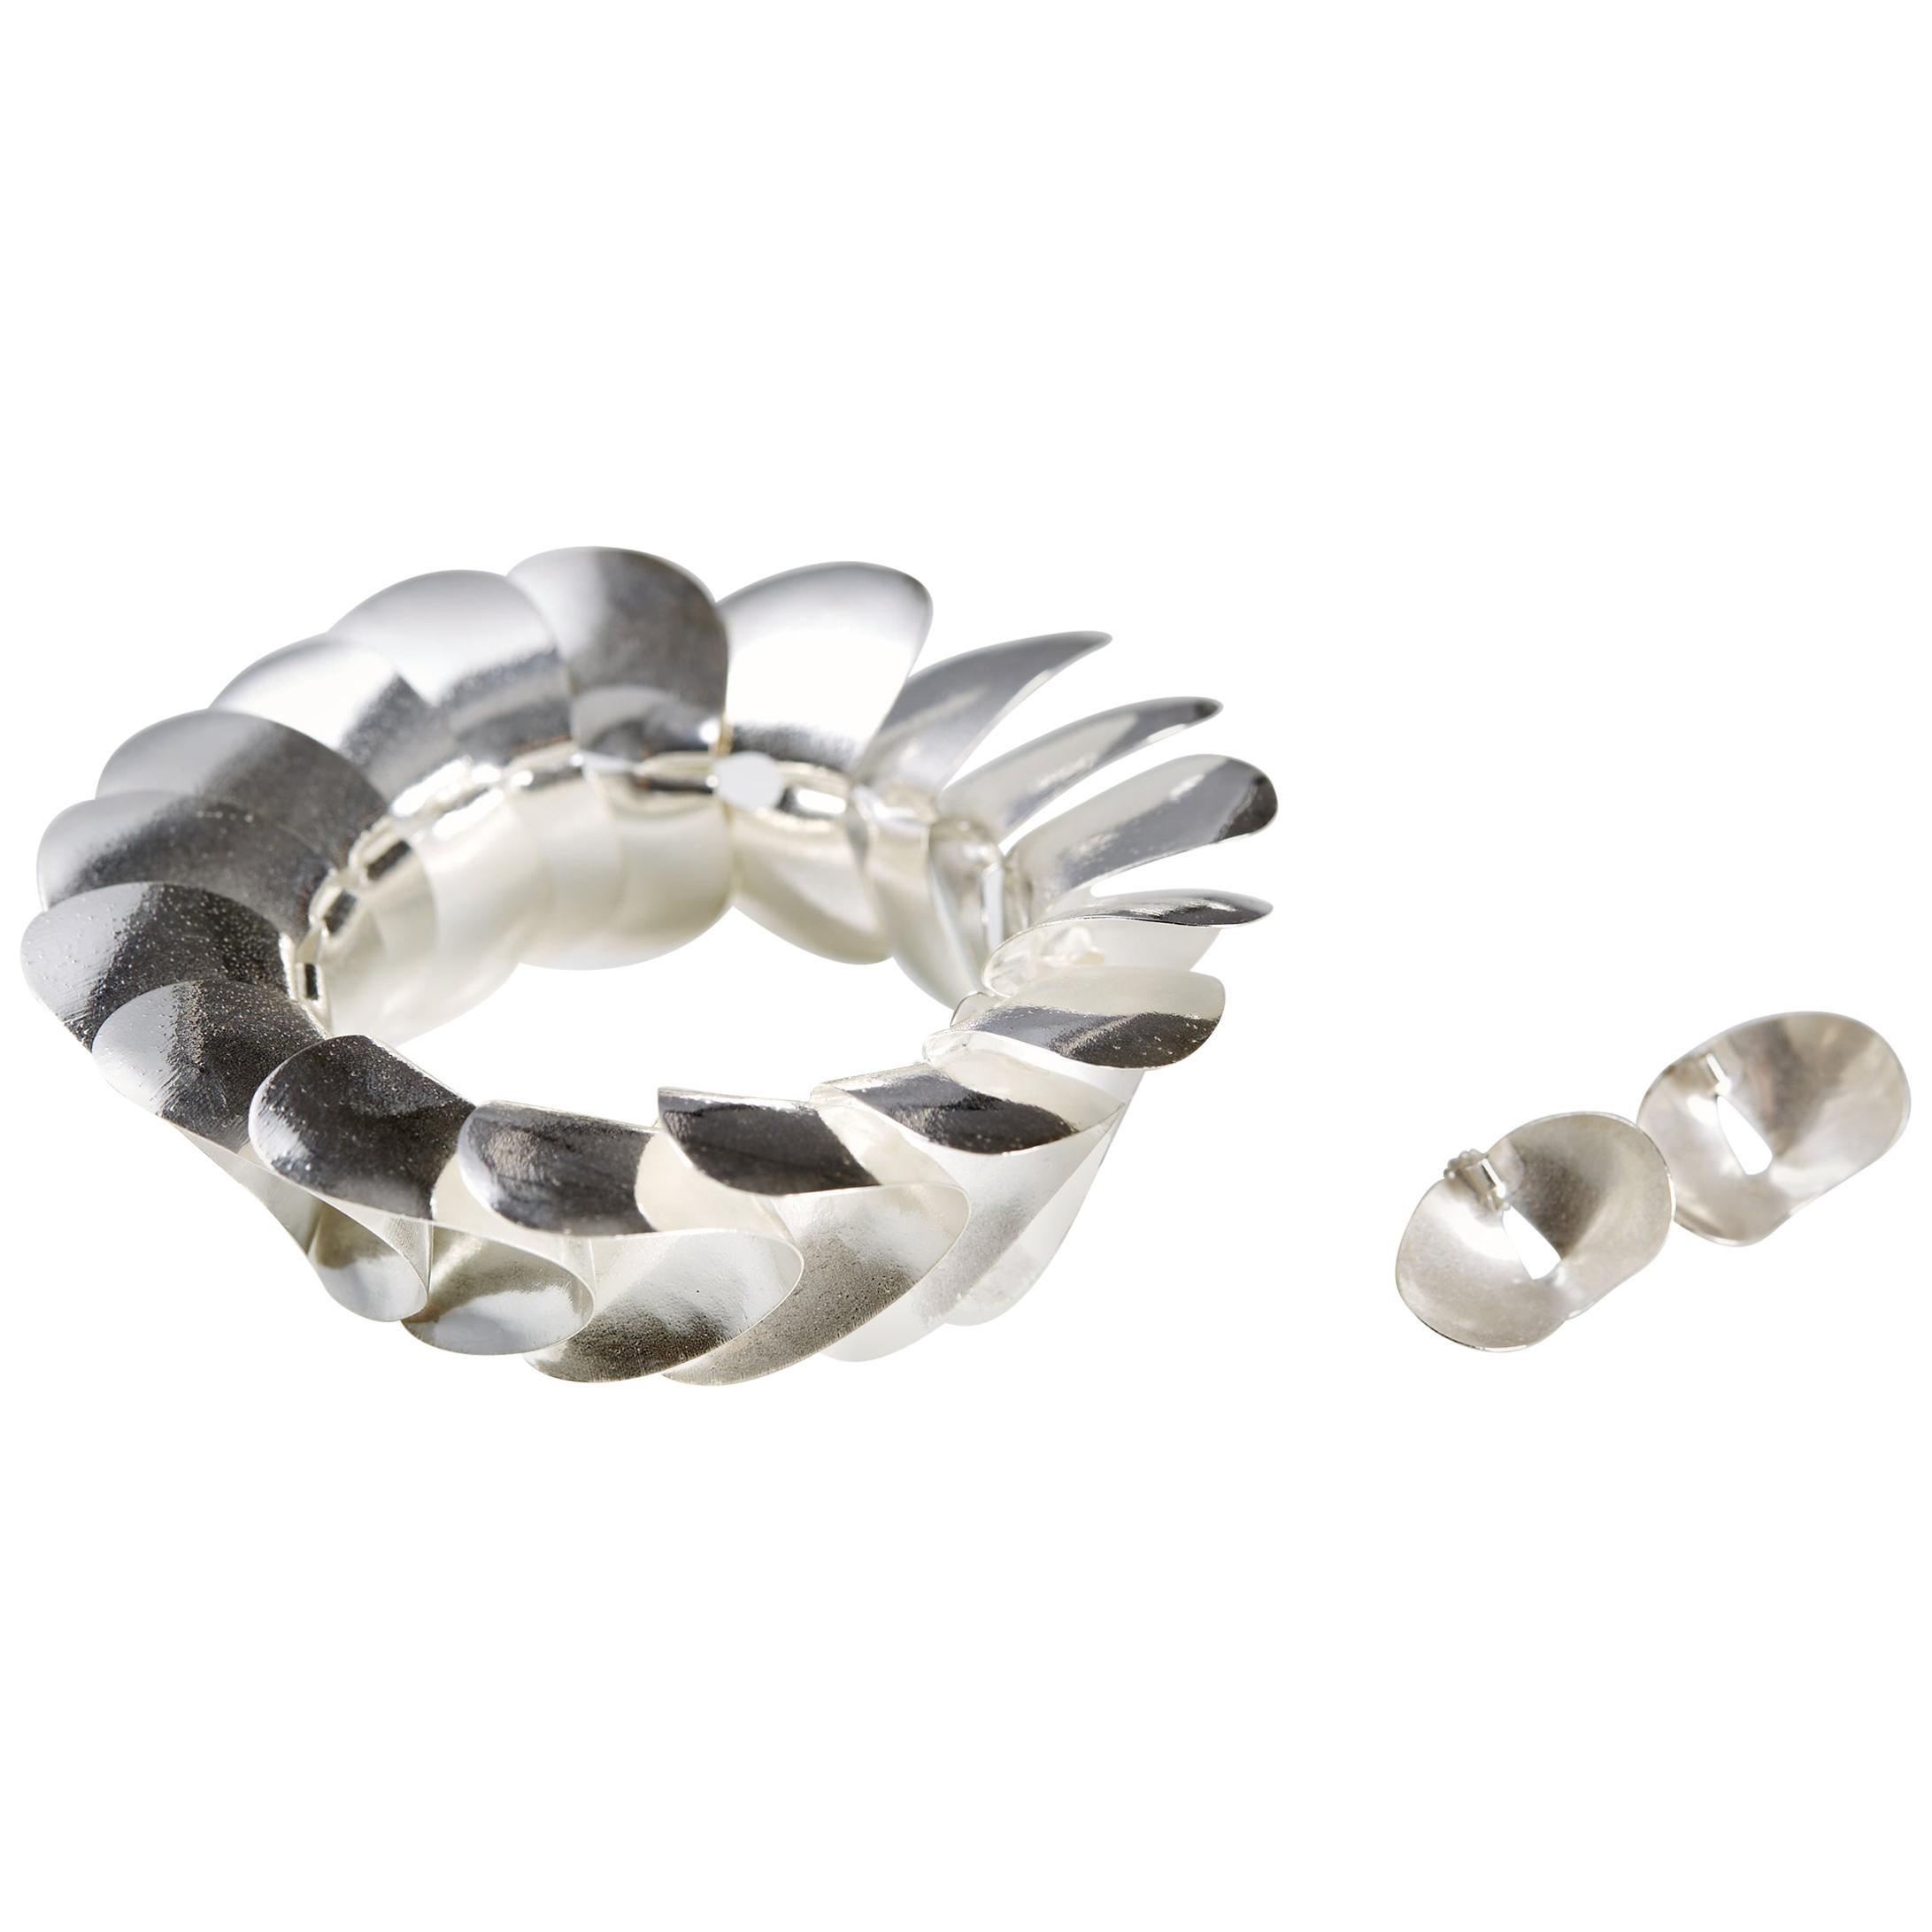 Set of Bracelet and Earrings Designed by Inni Pärnänen, Sweden, 2000s